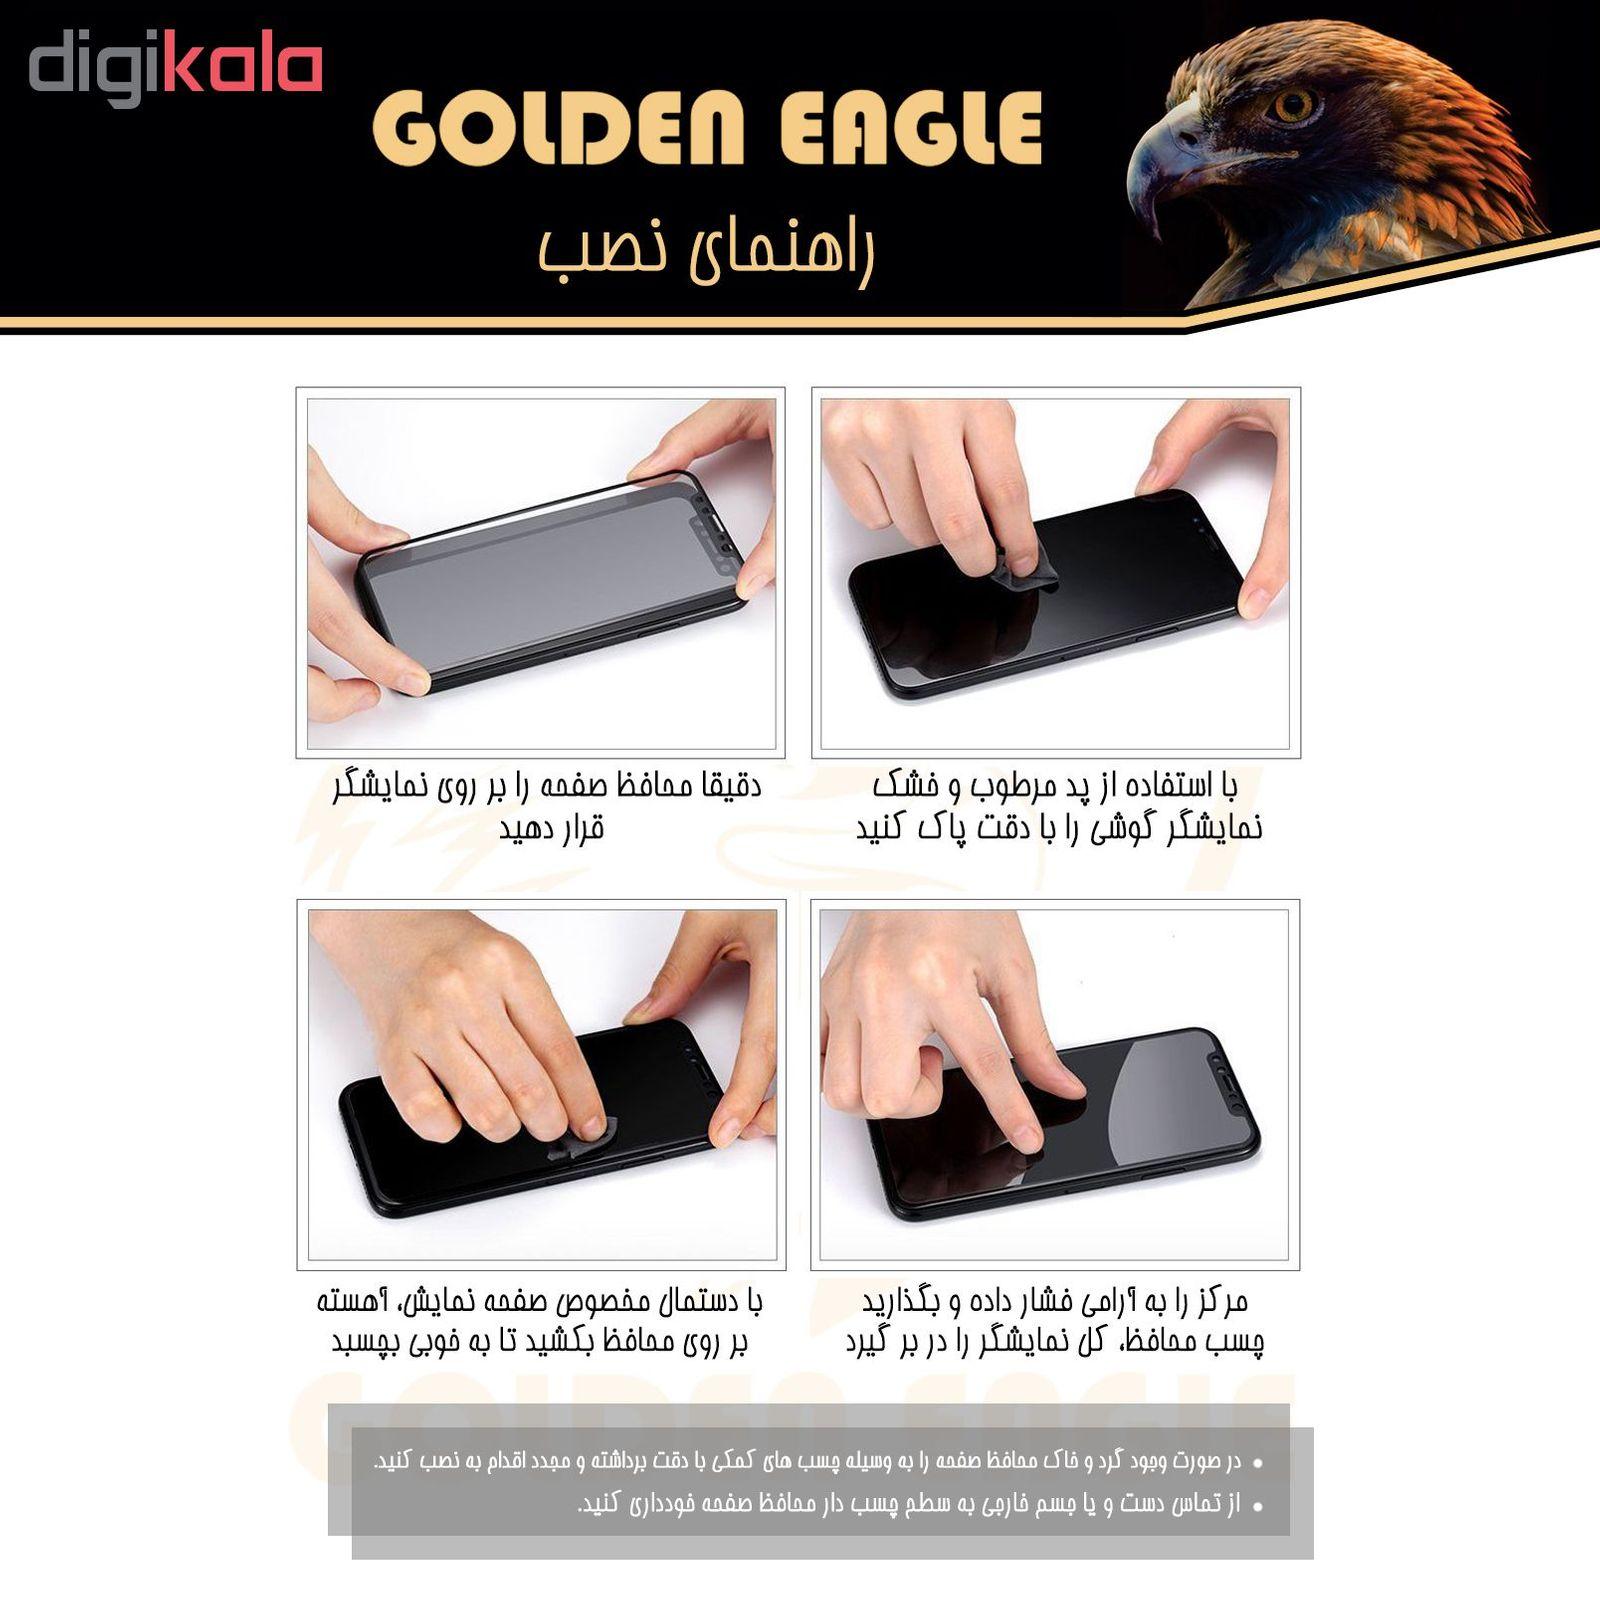 محافظ صفحه نمایش گلدن ایگل مدل DFC-X2 مناسب برای گوشی موبایل سامسونگ Galaxy S9 Plus بسته دو عددی main 1 4